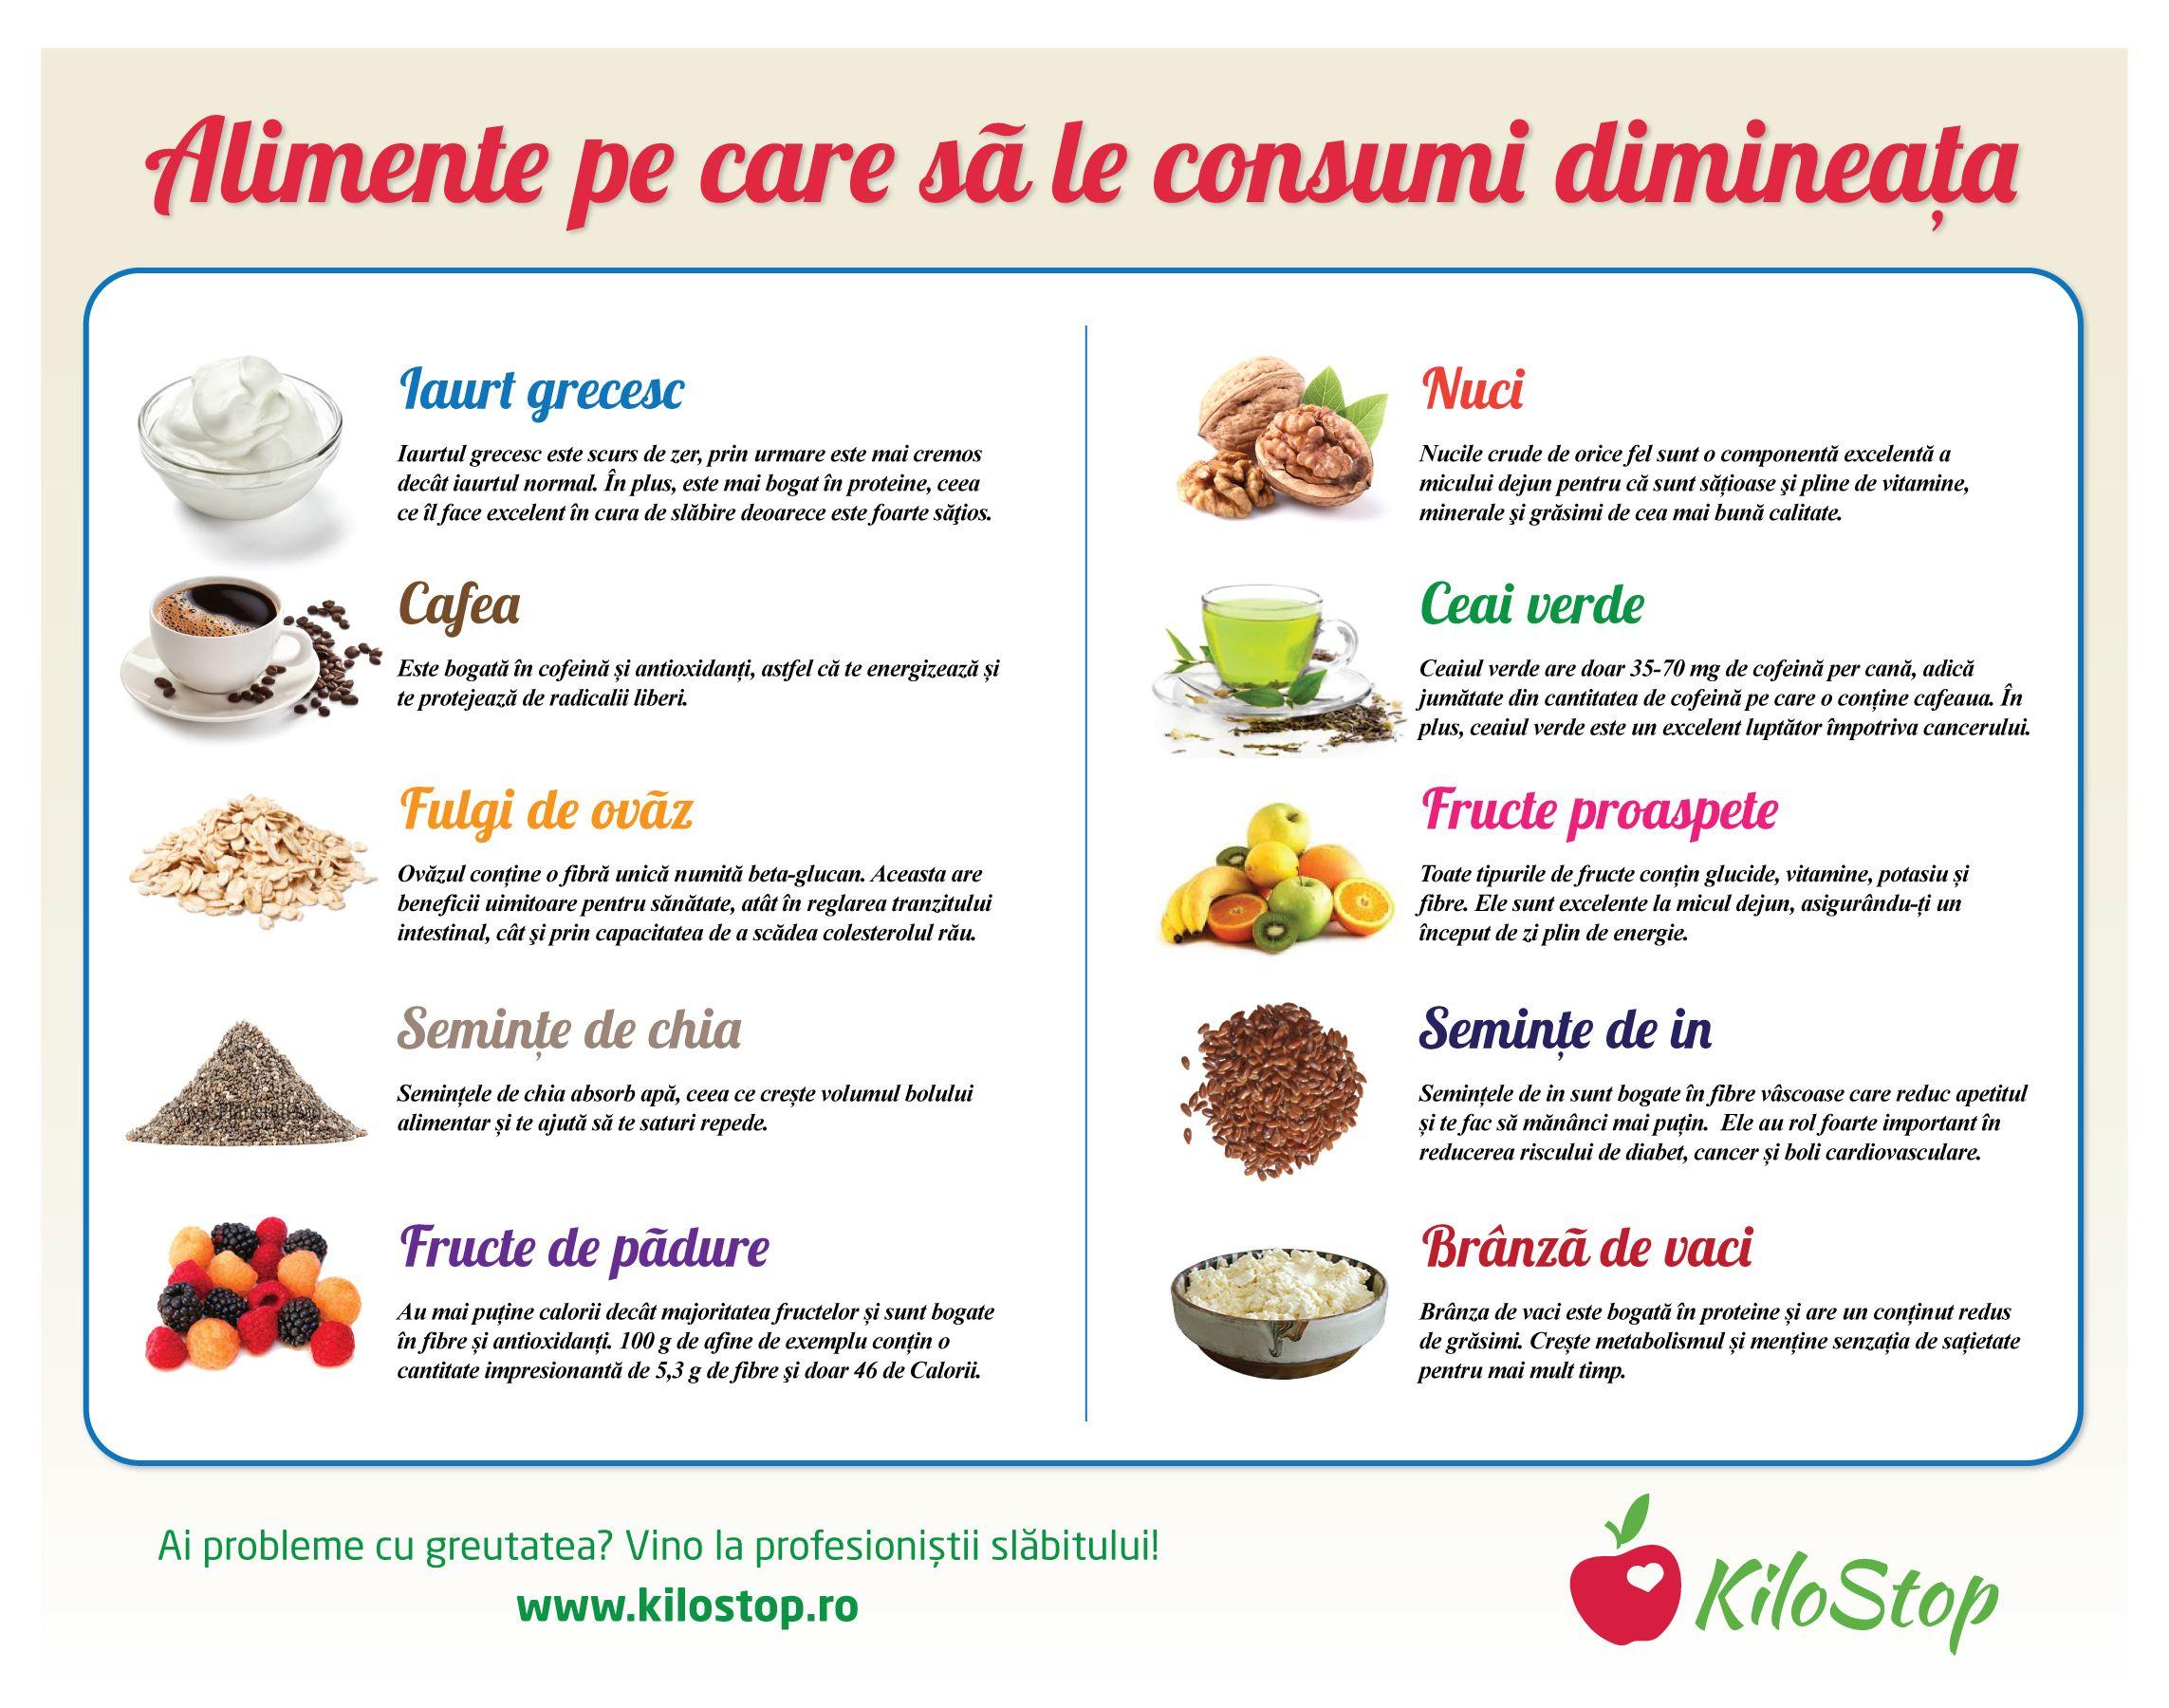 Ce mănânci la micul dejun ca să slăbești. Iată ce alimente te ajută